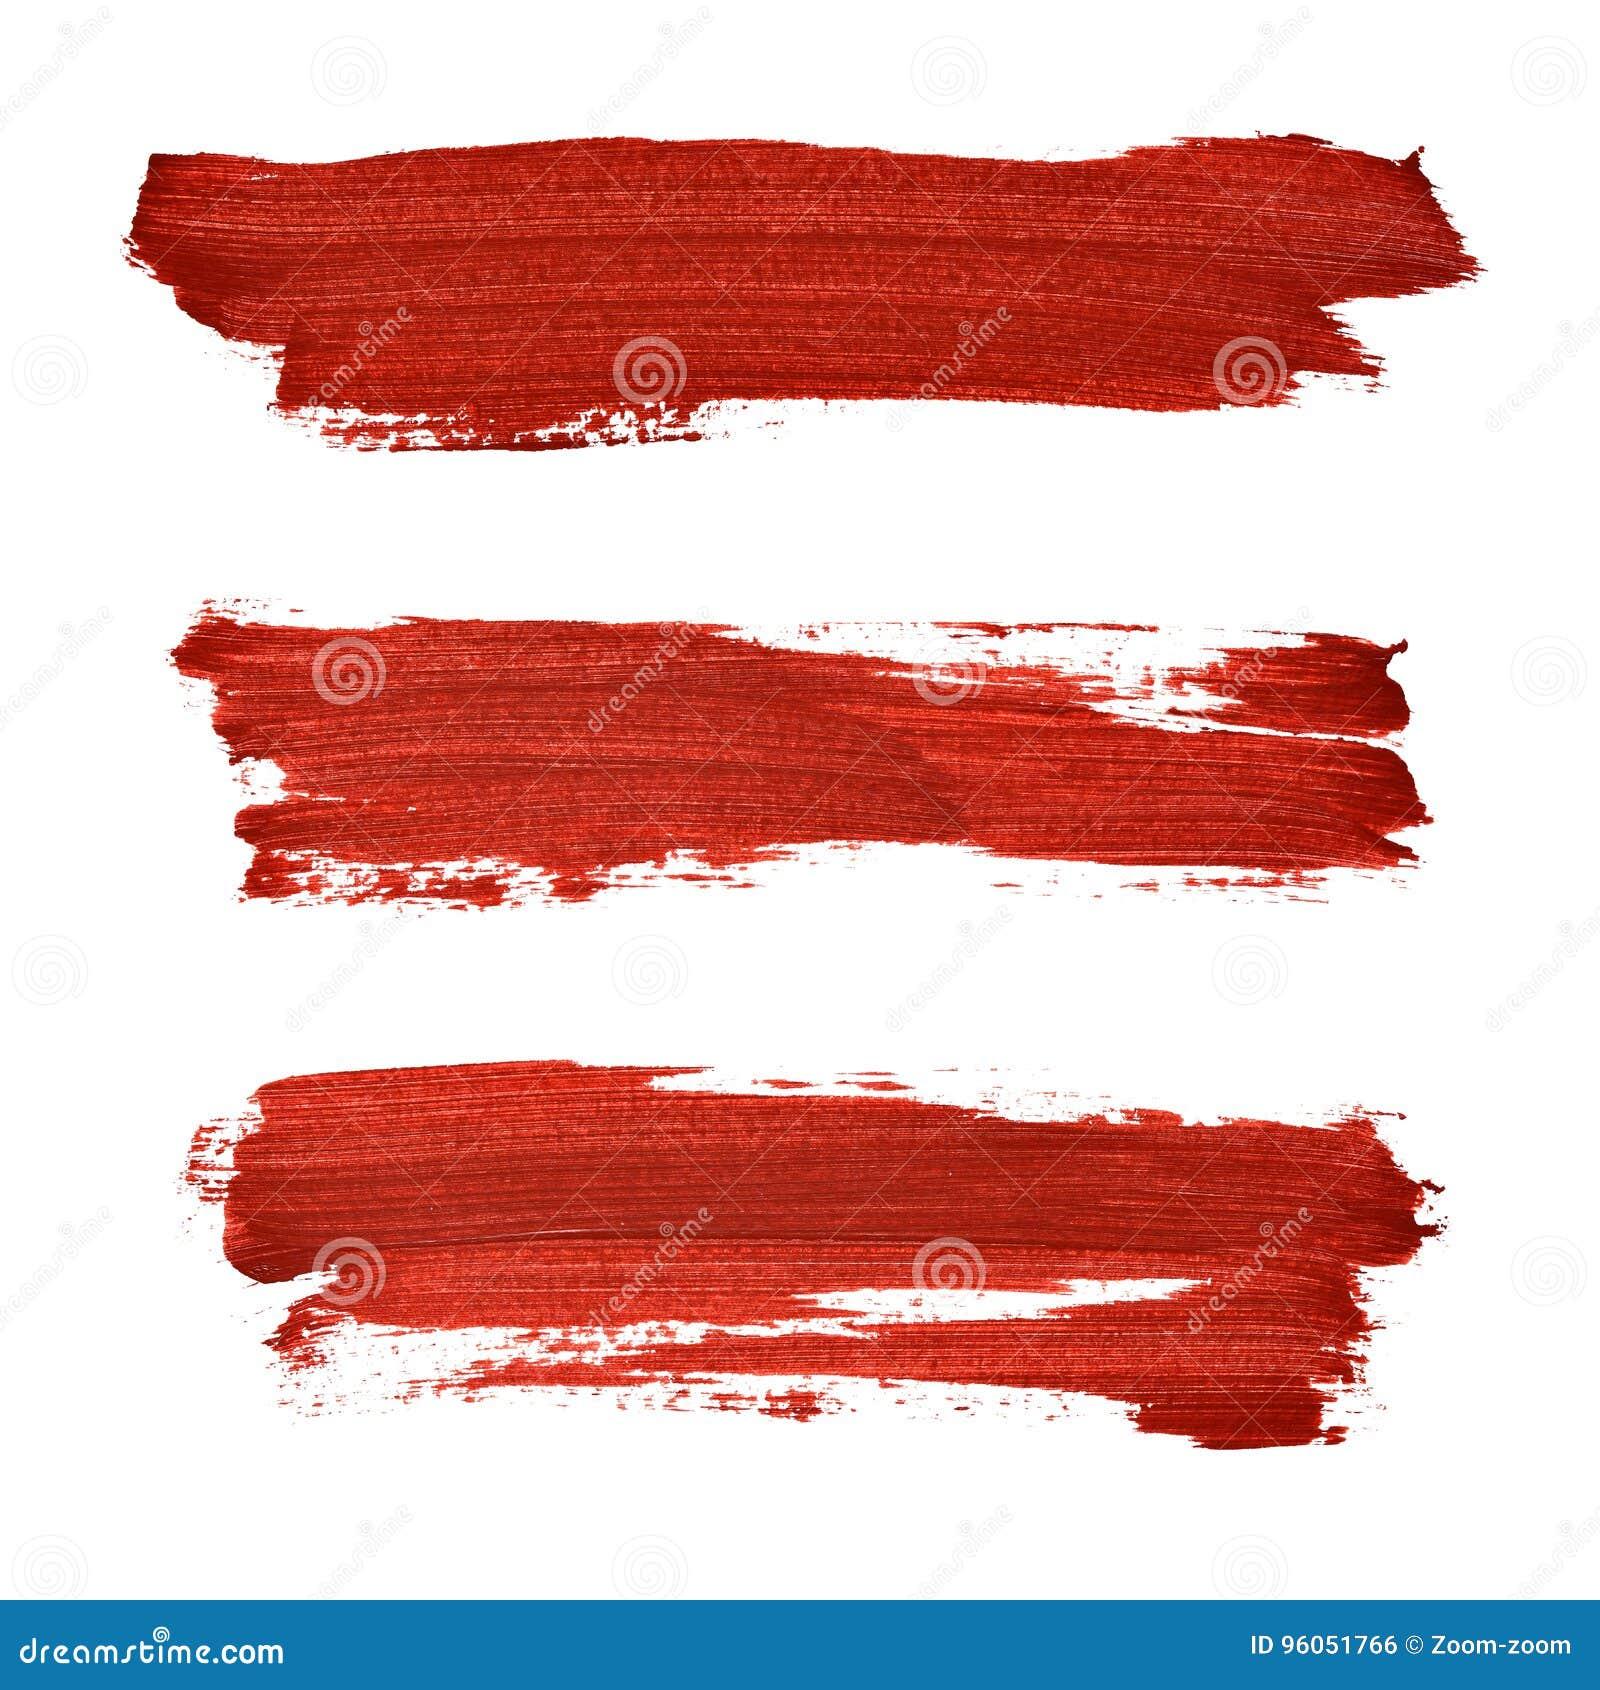 Courses de brosse de peinture acrylique rouge